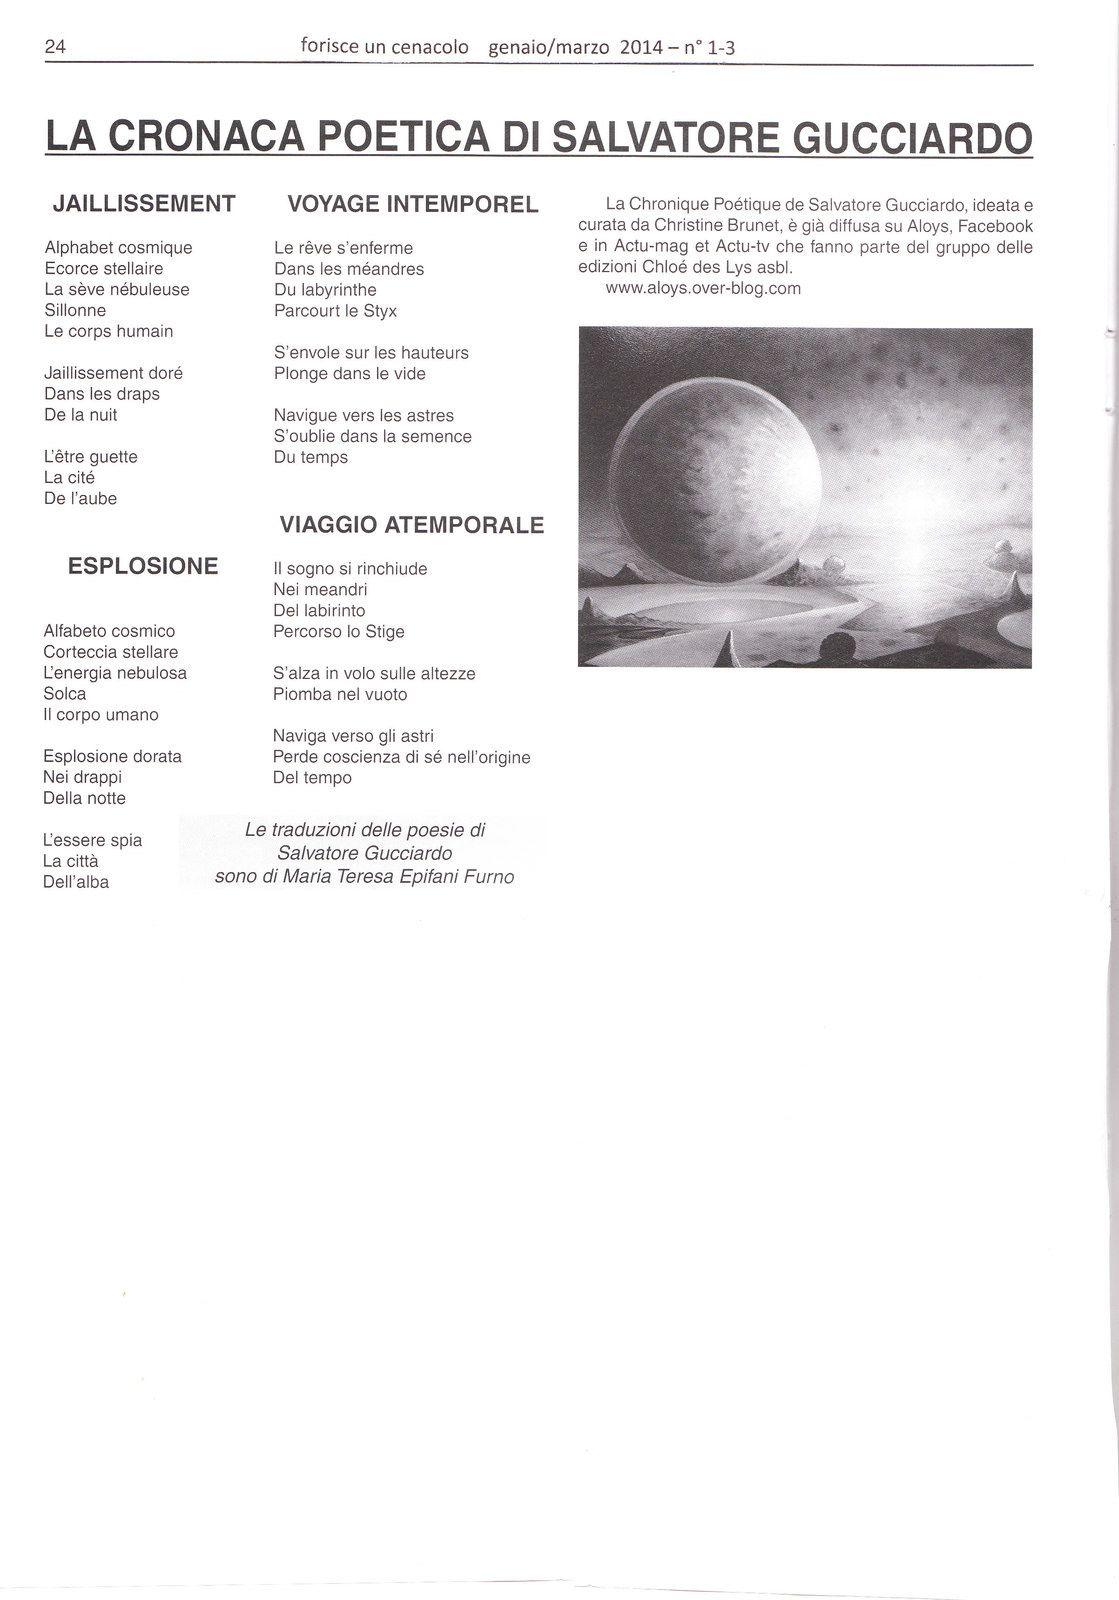 La Cronaca Poetica di Salvatore Gucciardo  dans le magazine italien Fiorisce un cenacolo 2014 n° 1-3